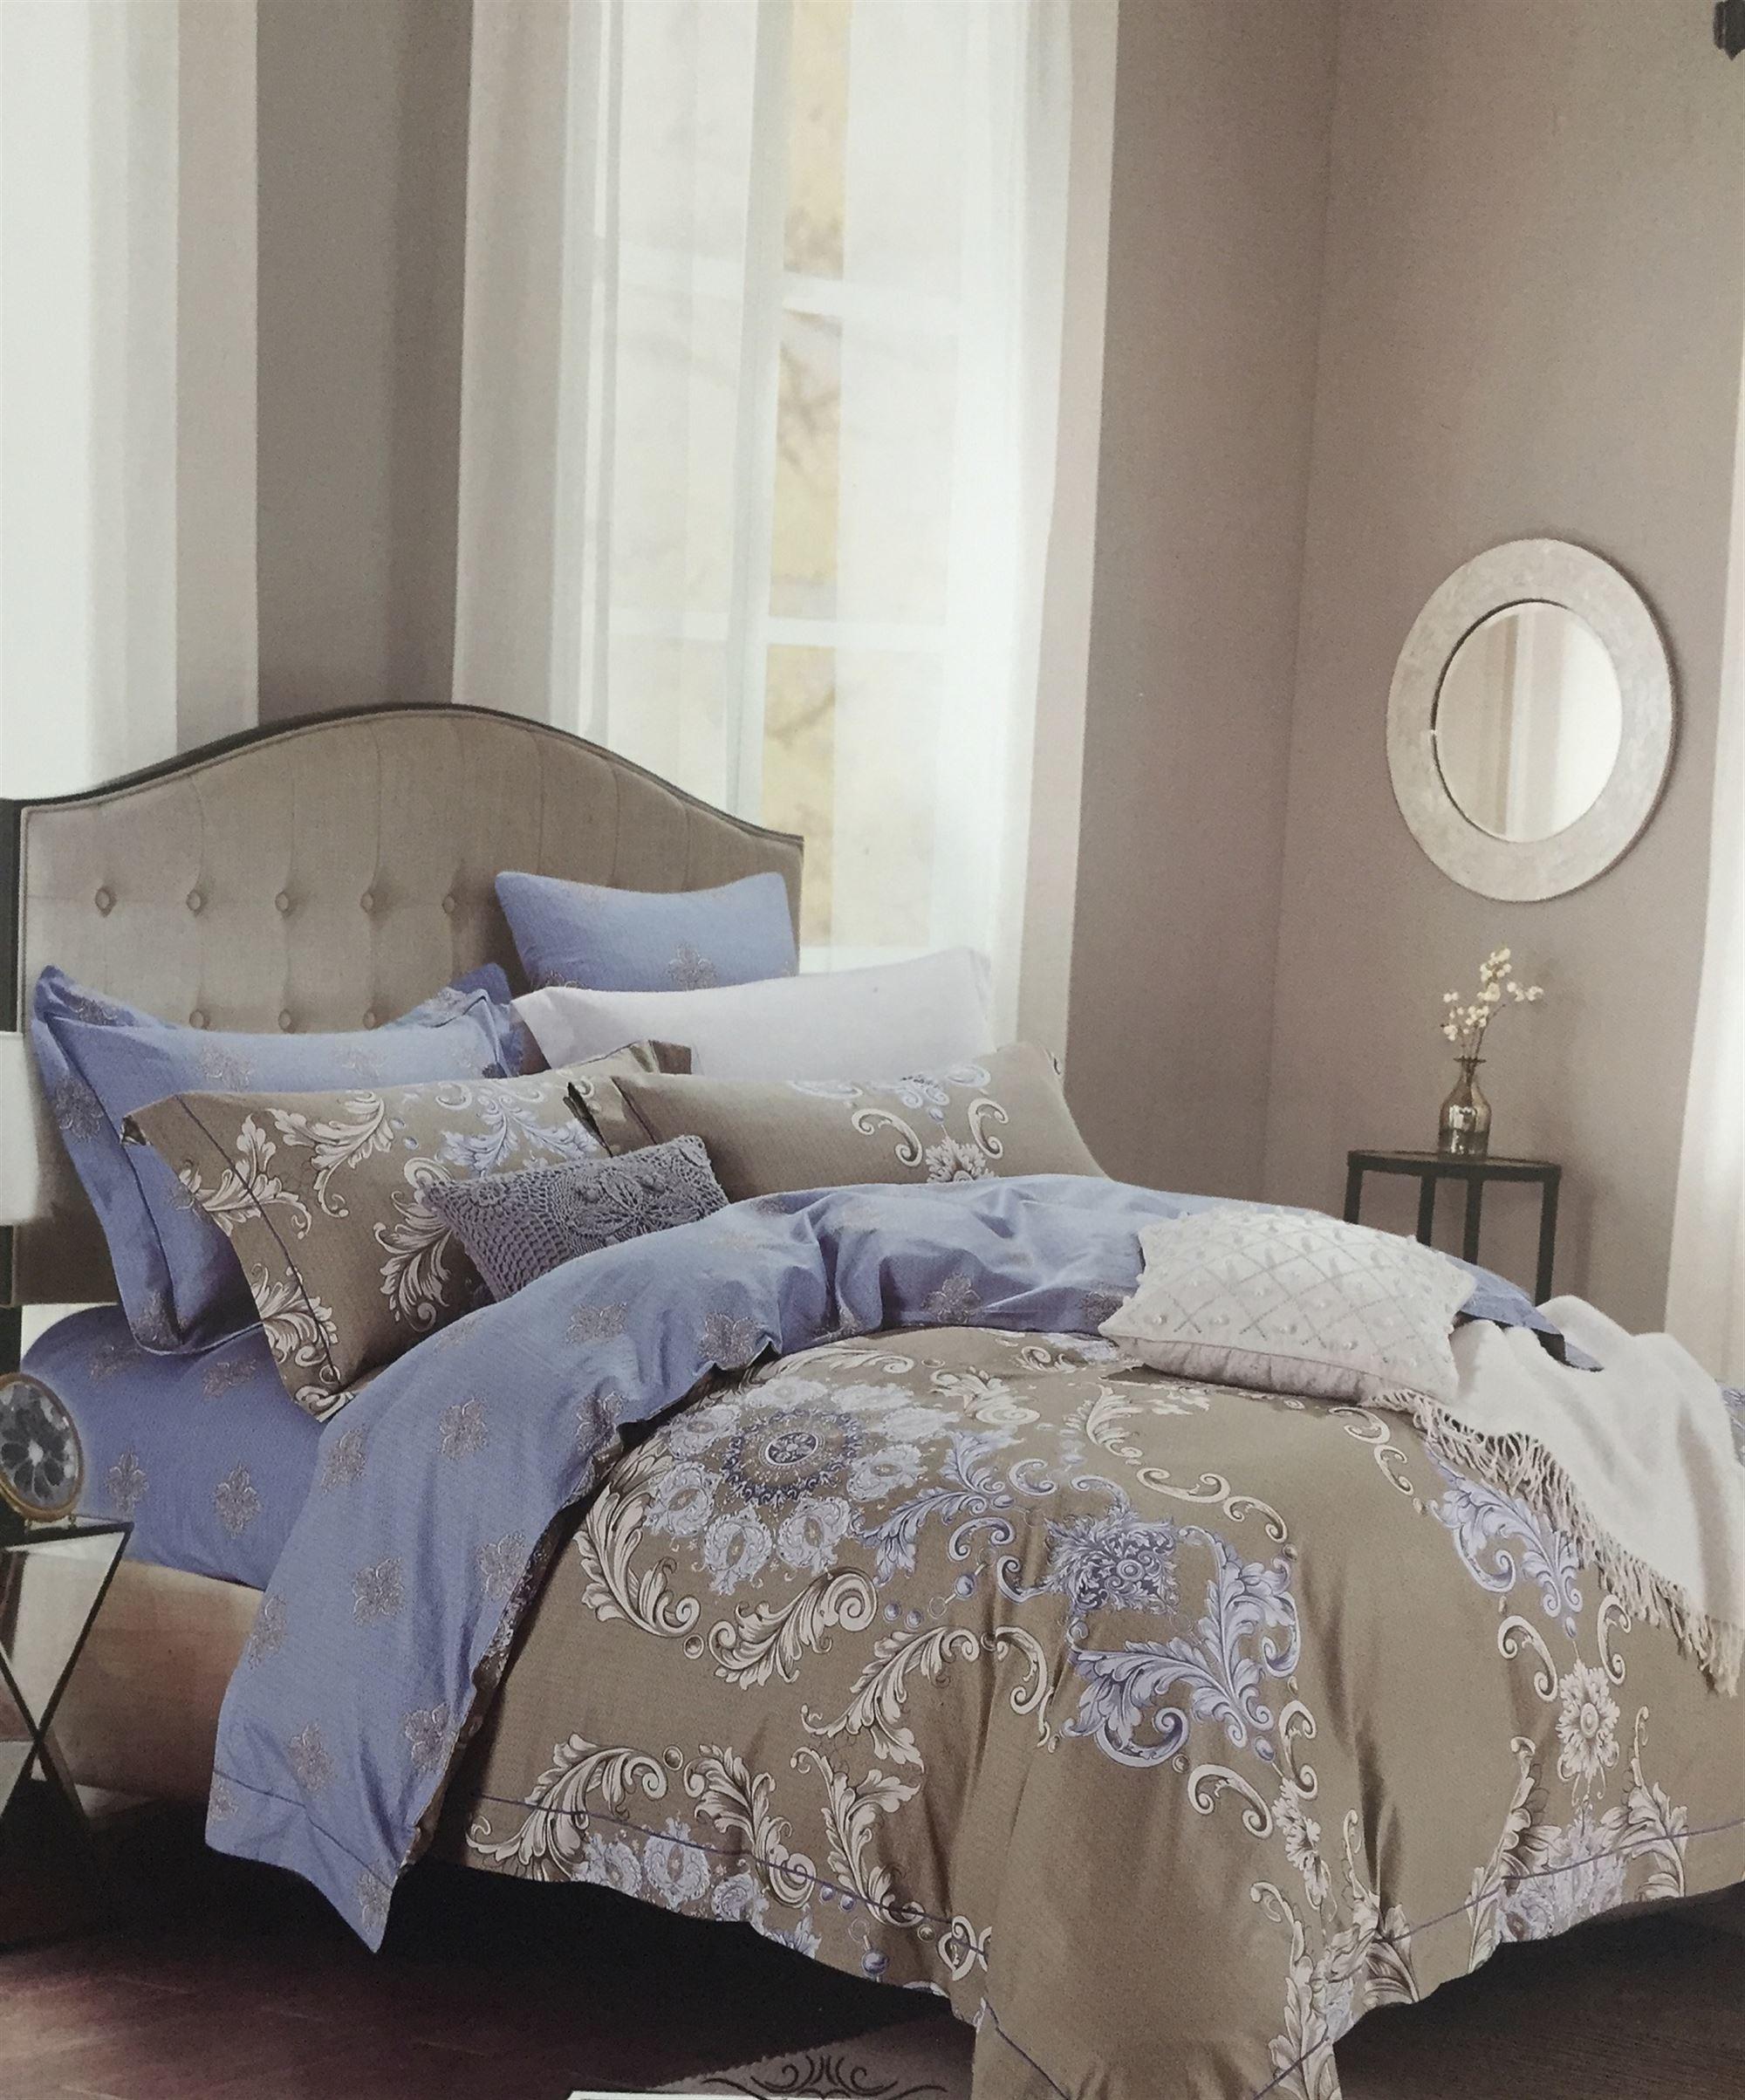 Постельное белье DO'n'CO Постельное белье Vanessa (2 сп. евро) постельное белье bovi постельное белье крокодил цвет шоколад 2 сп евро